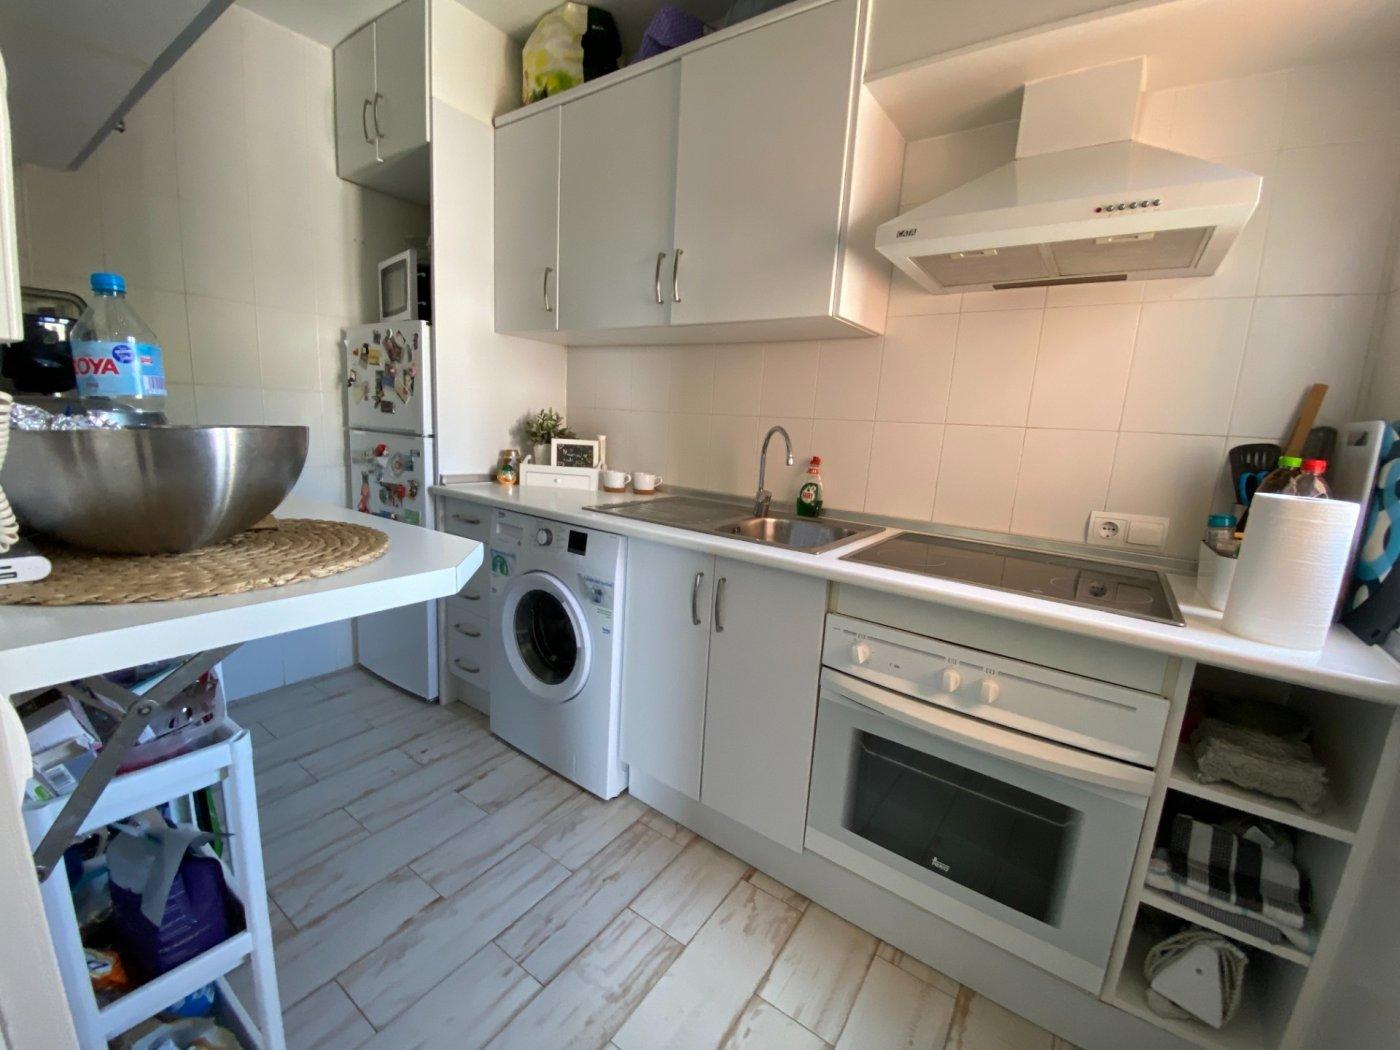 Alquiler con opcion de compra!espectacular apartamento con vistas al mar y parking propio - imagenInmueble4